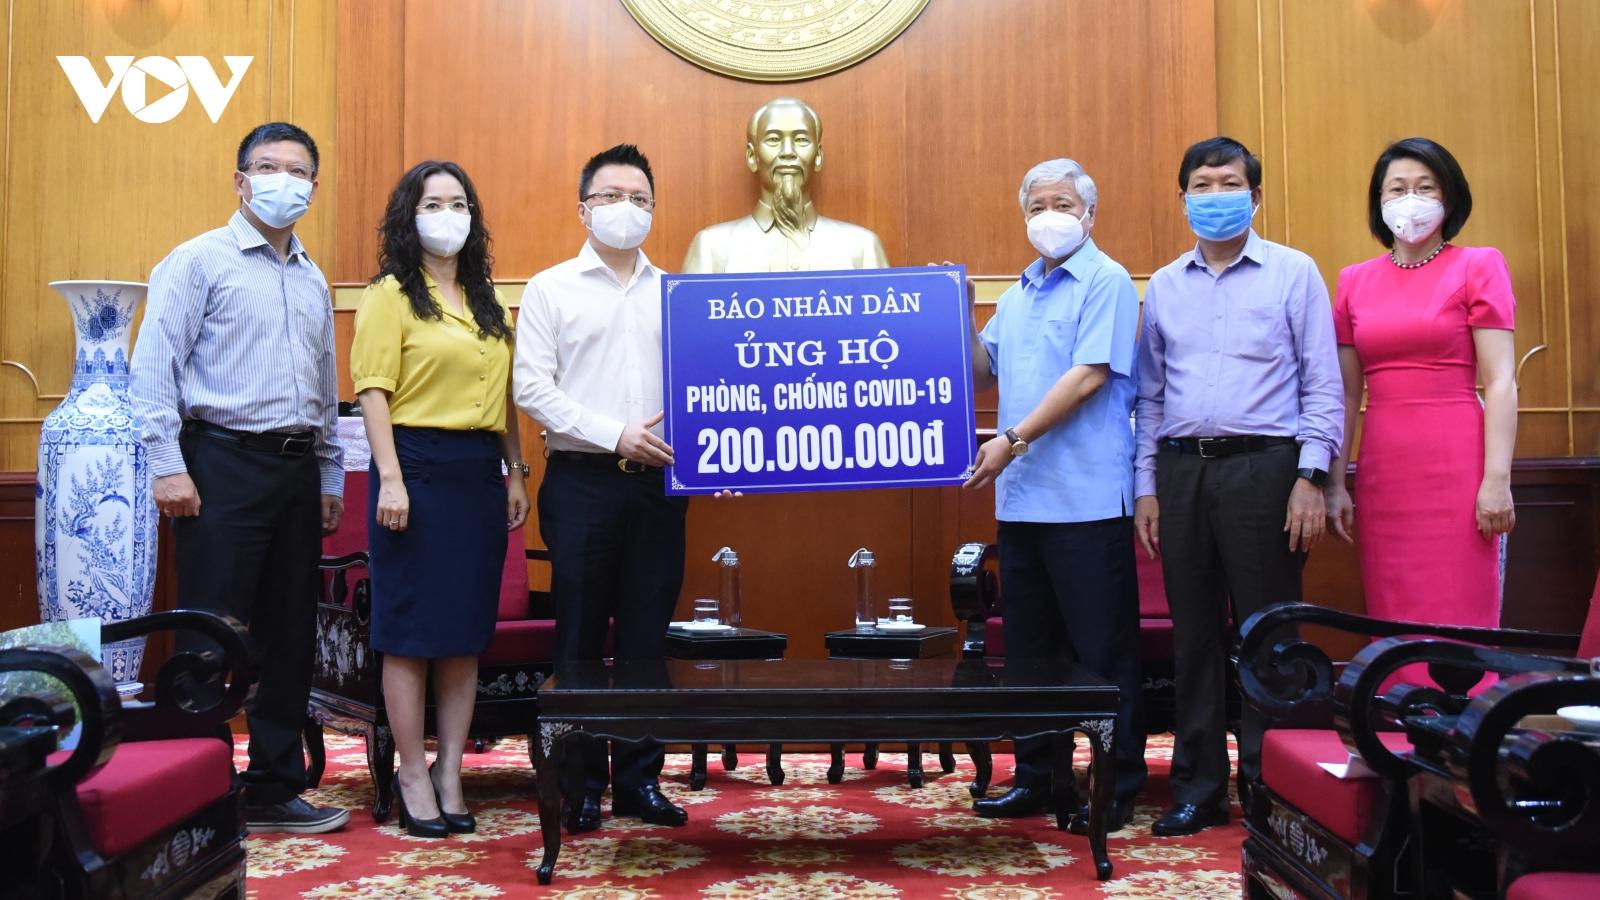 Phần lớn tiền do MTTQ Việt Nam tiếp nhận sẽ được chuyển sang Quỹ vaccine COVID-19